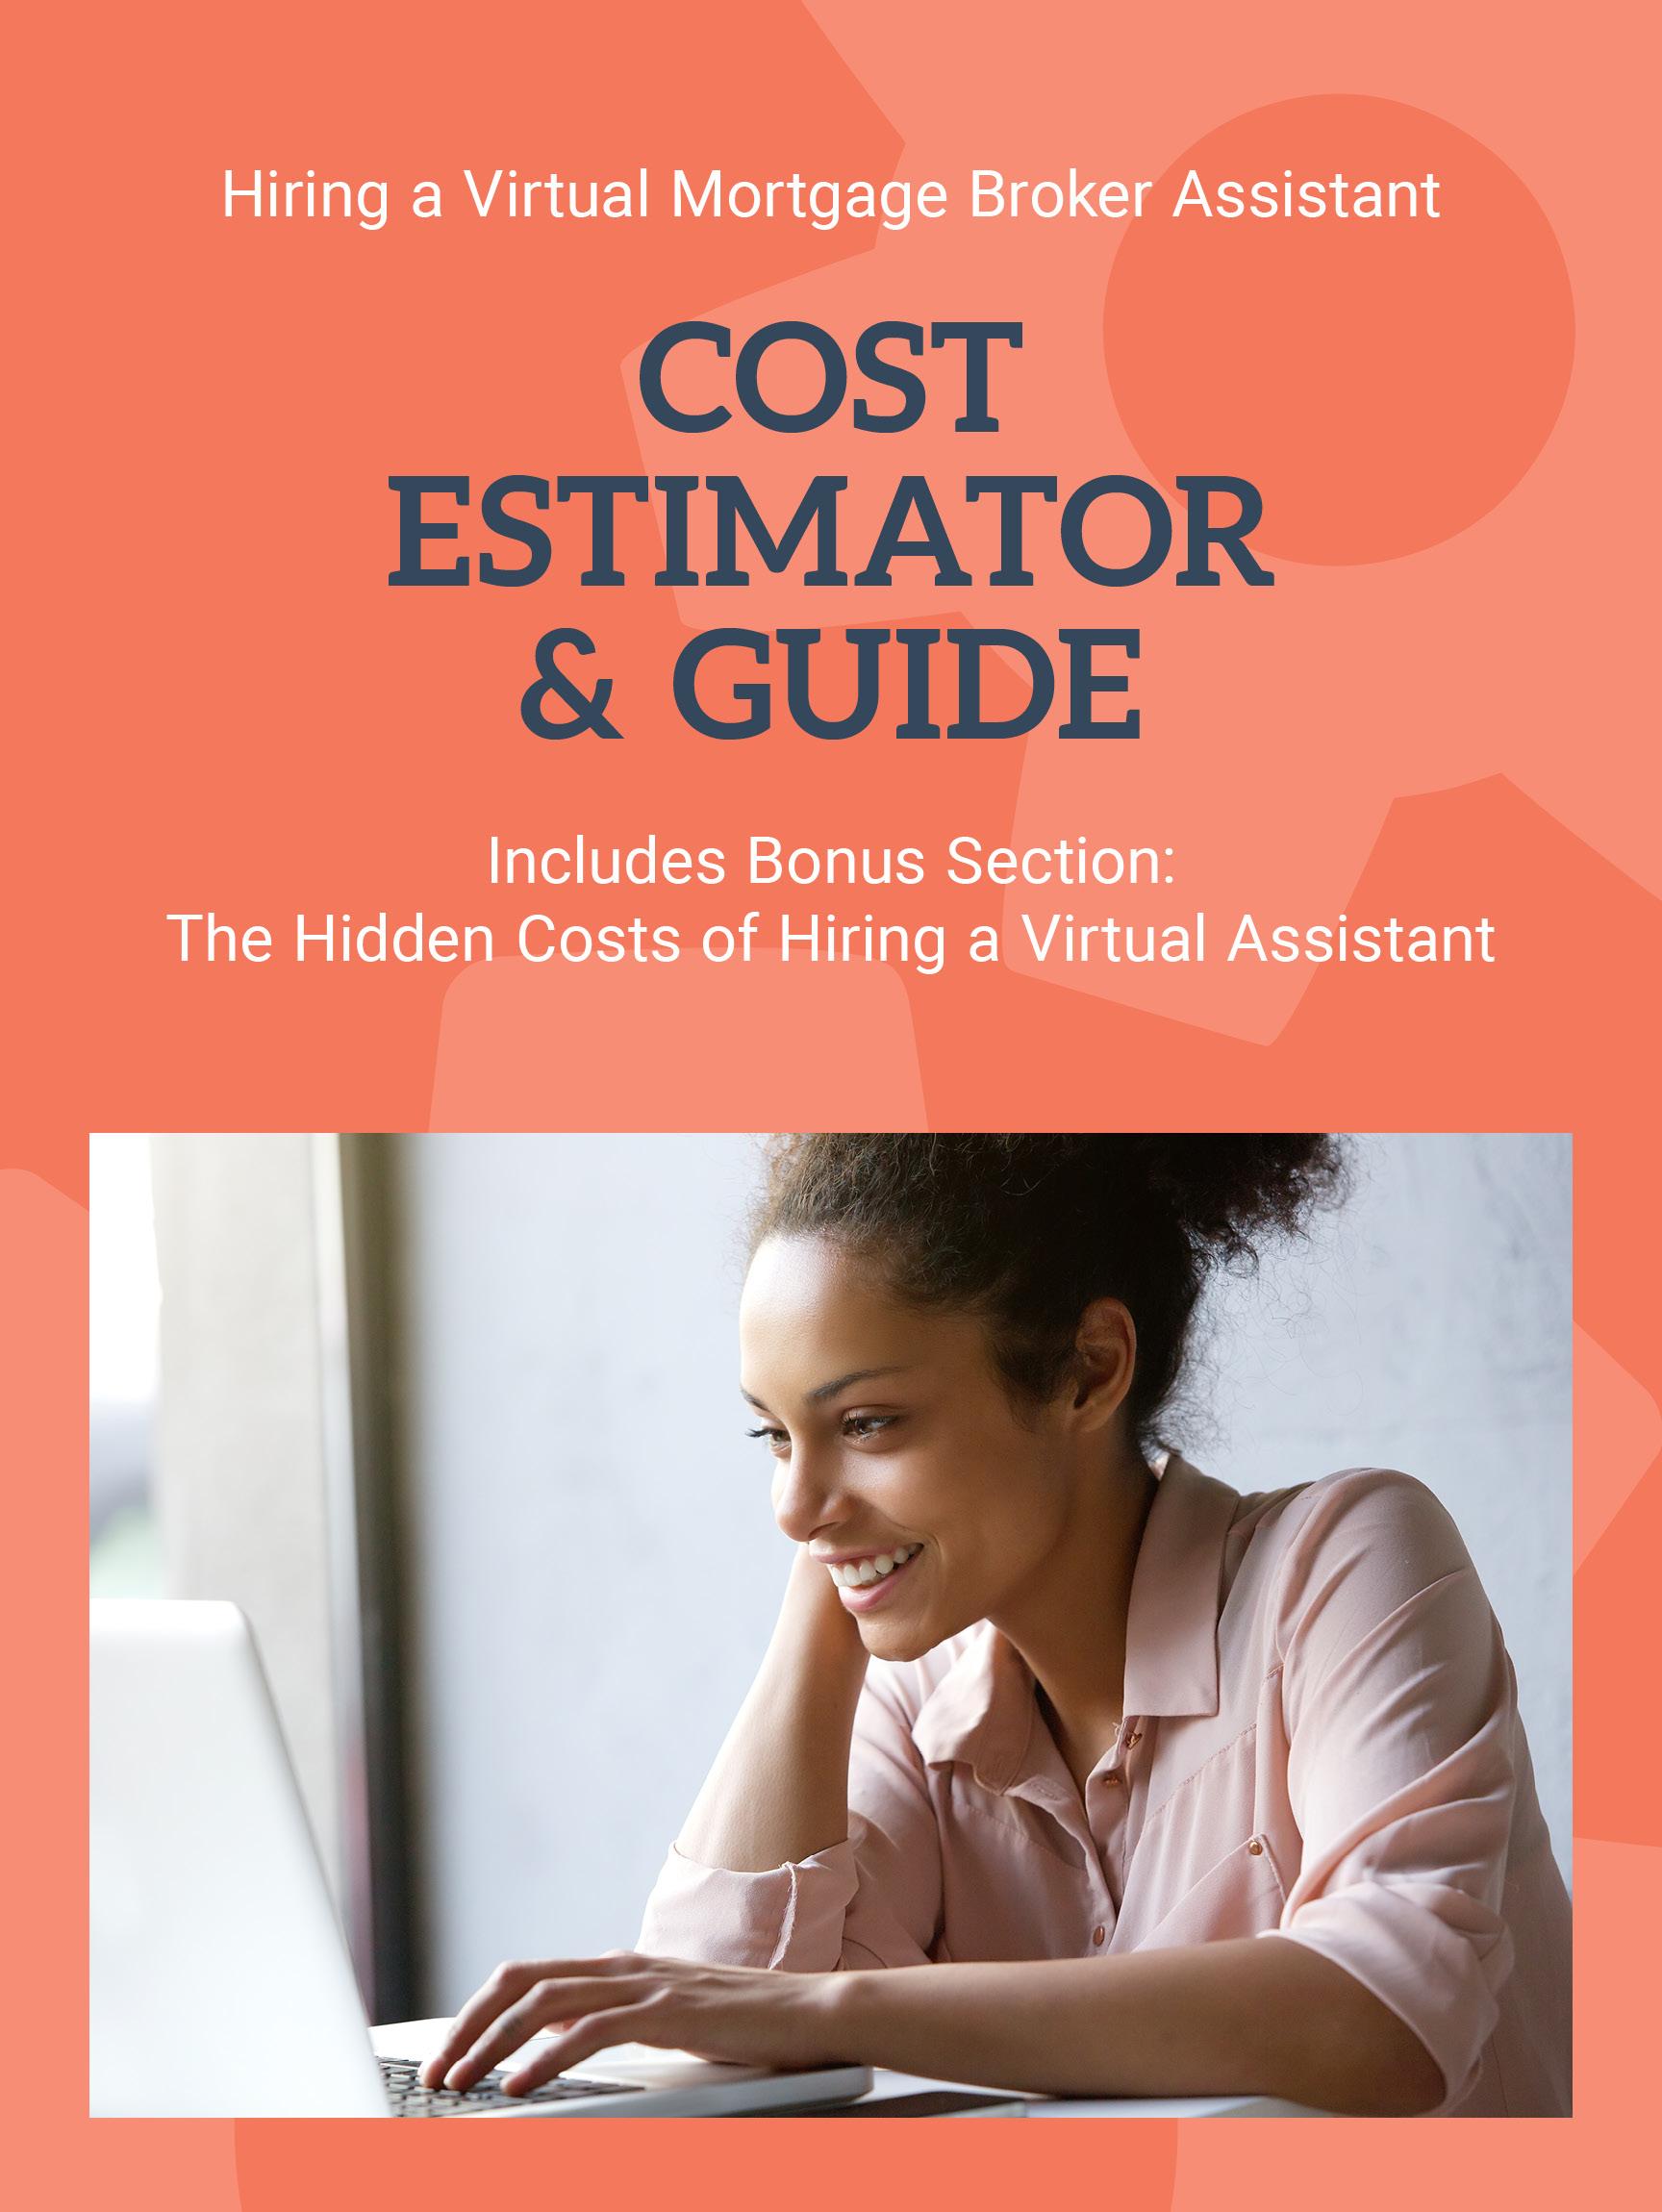 Virtual Mortgage Broker Assistant Cost Estimator & Guide